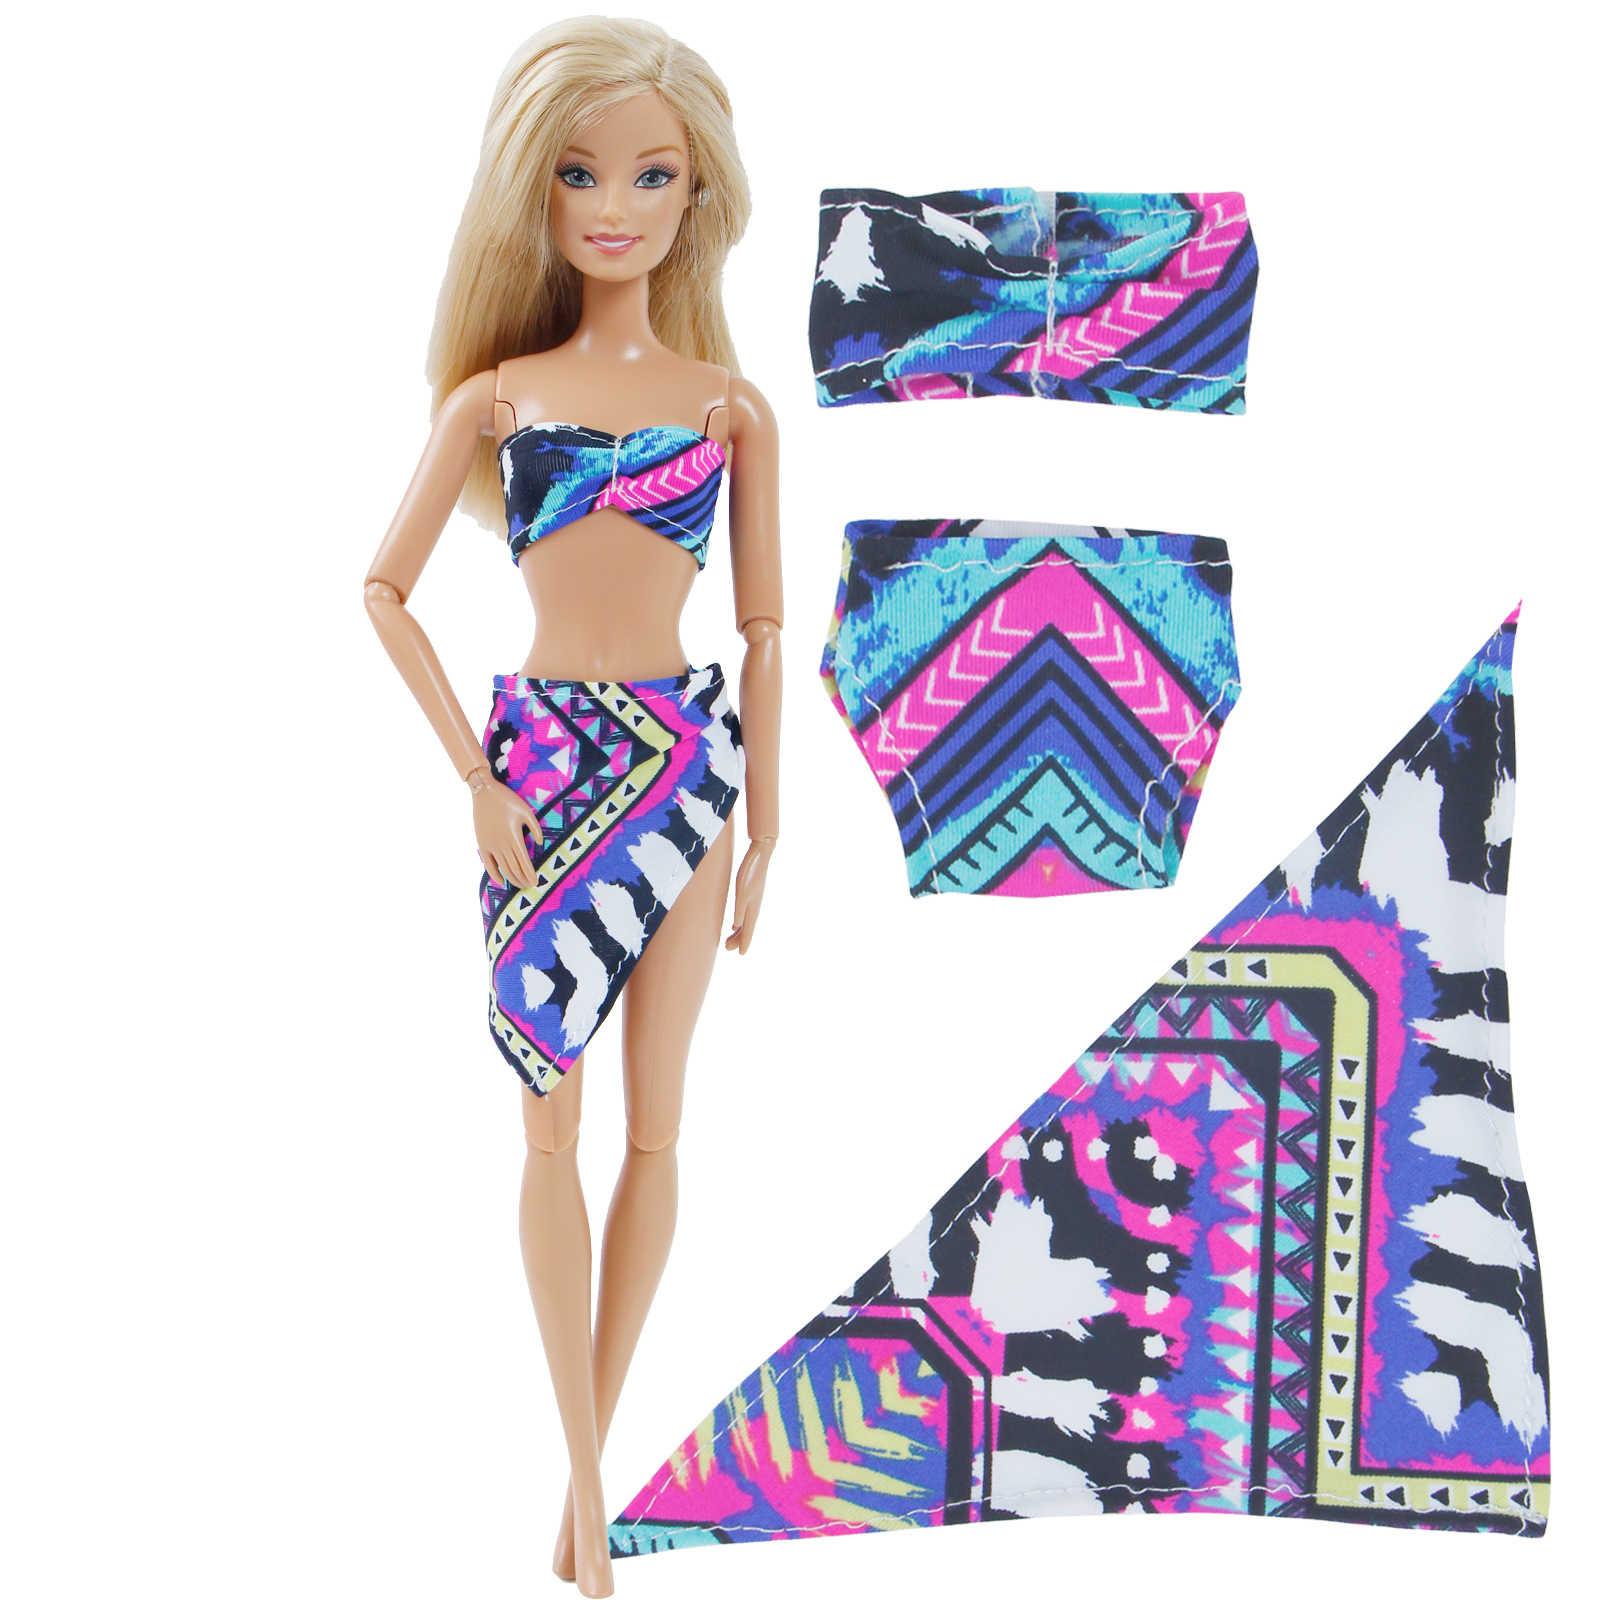 Handmade Lady ชุดว่ายน้ำชายหาดสวมชุดว่ายน้ำเซ็กซี่บิกินี่ Tops กางเกงเสื้อผ้าสำหรับตุ๊กตาบาร์บี้ตุ๊กตาอุปกรณ์เสริมของเล่นเด็ก